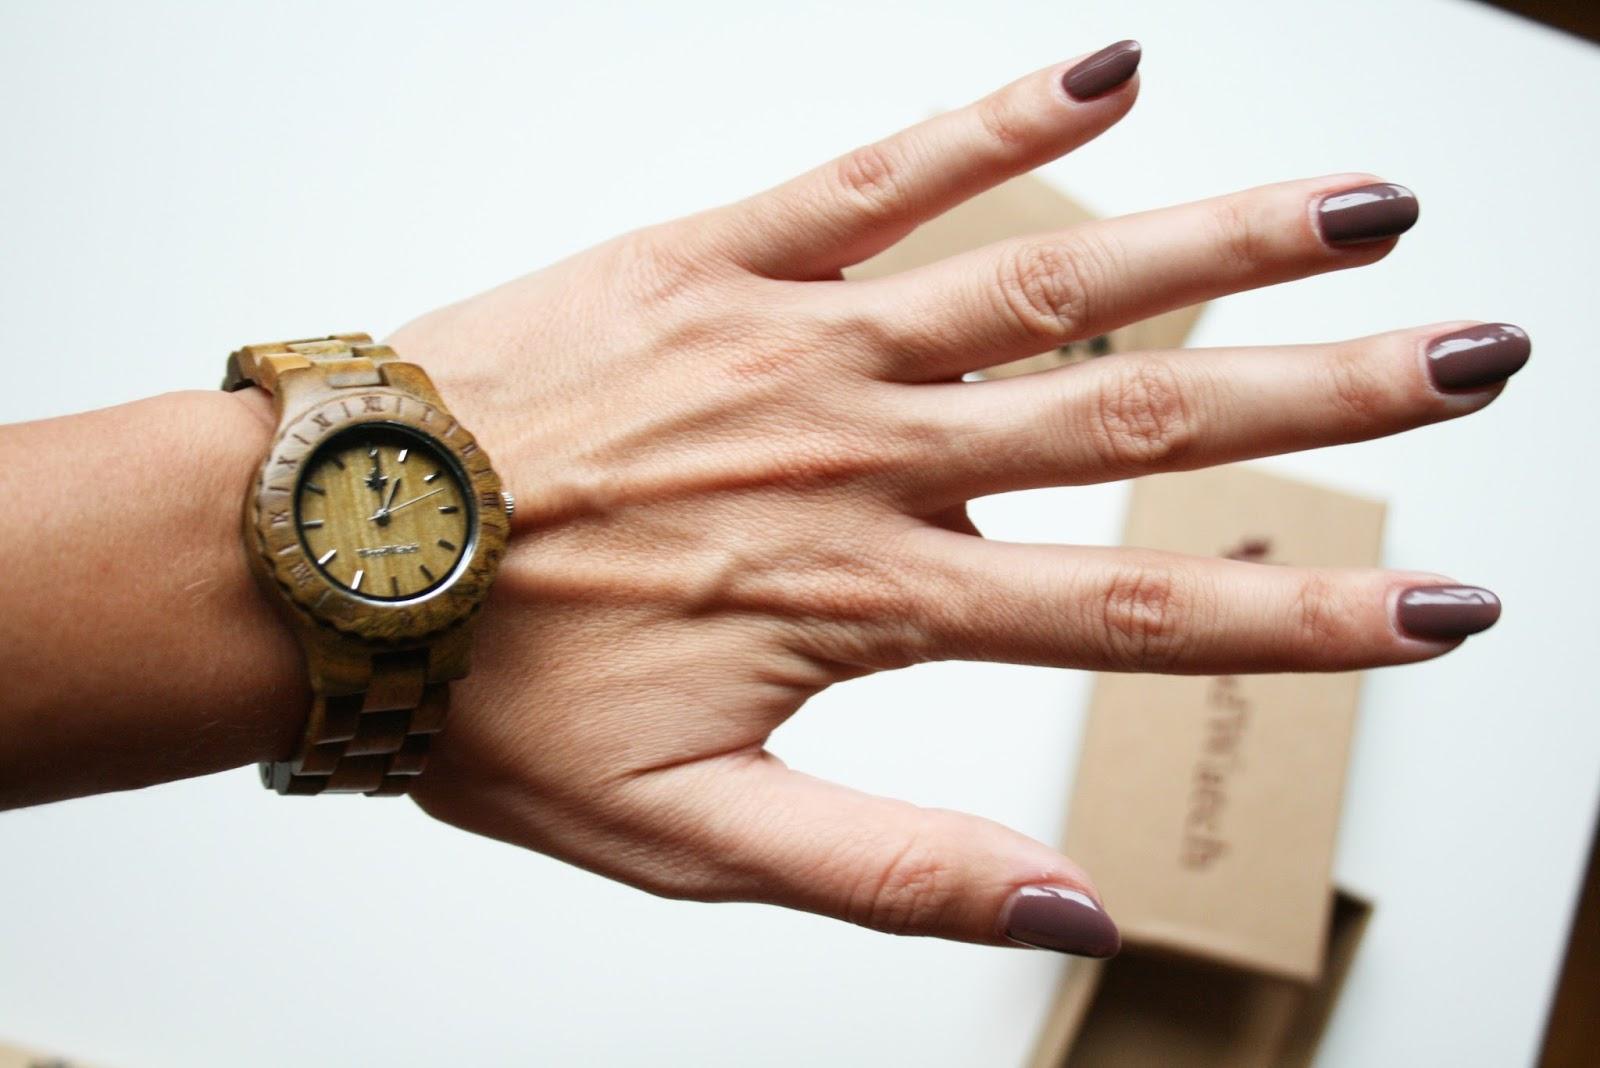 Дървен часовник WoodWatch, холандски дървени часовници, ревю, моден и лайфстайл блог quite a looker, моден блогър Михаела от Quite a Looker